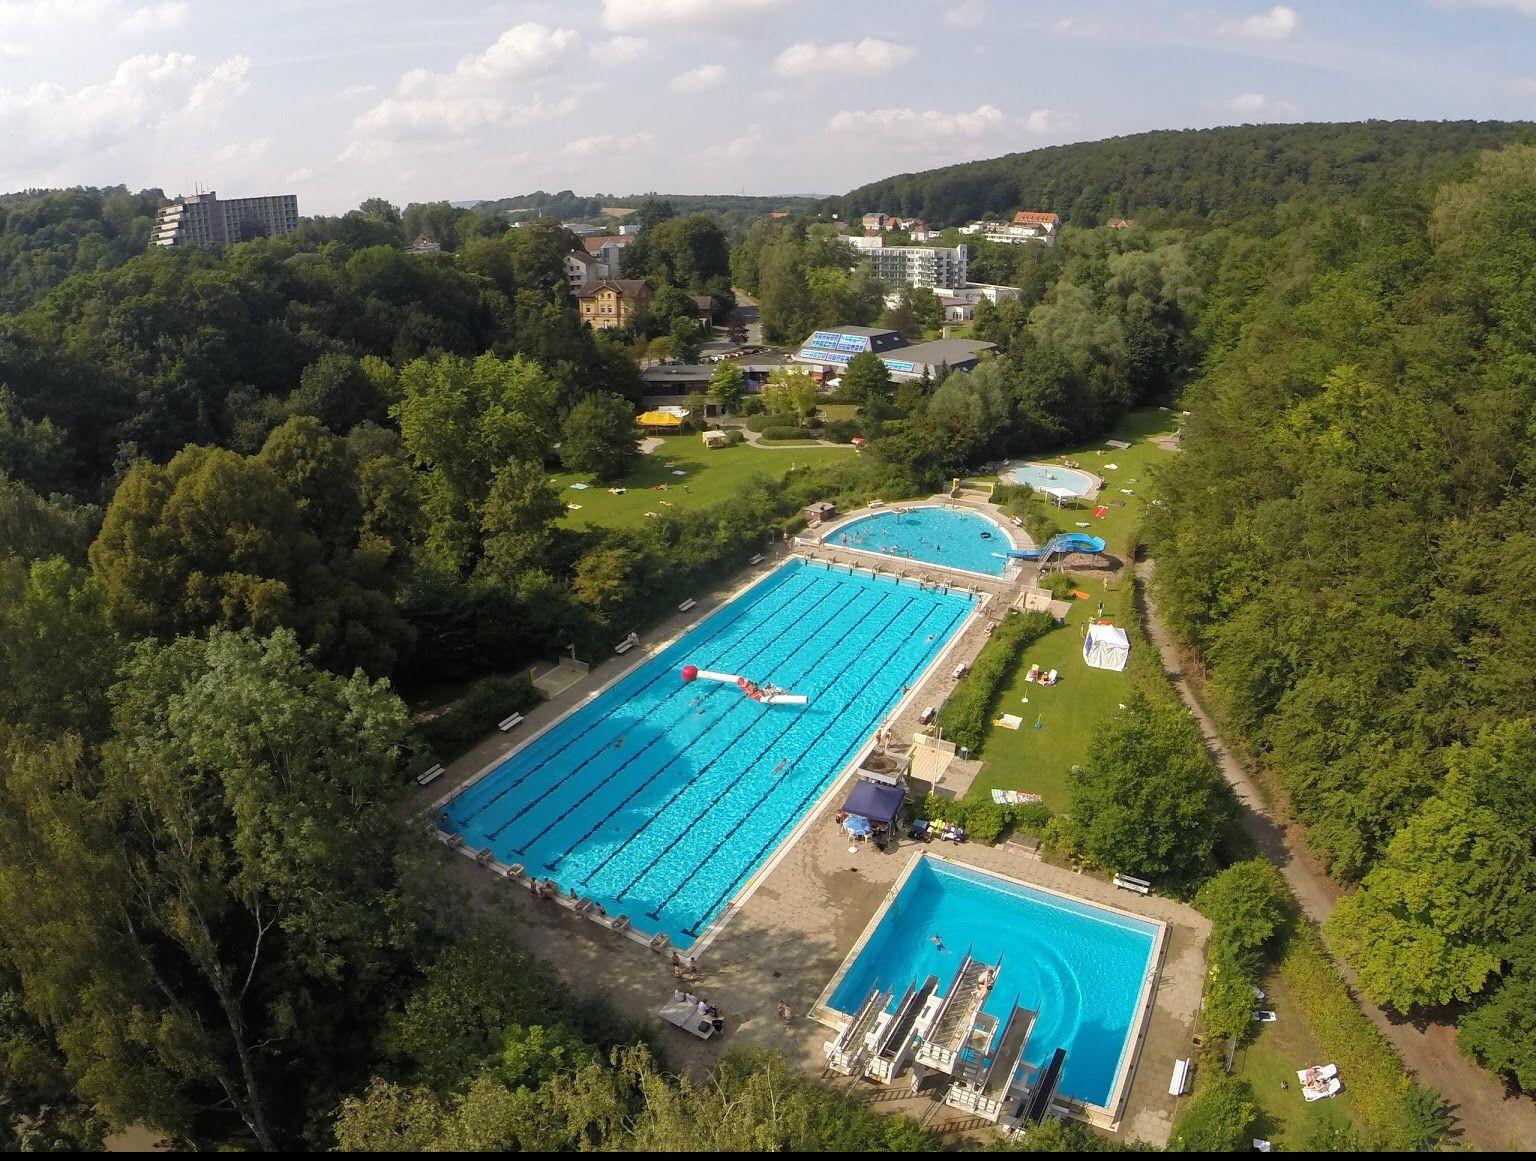 Schwimmbad bad gandersheim